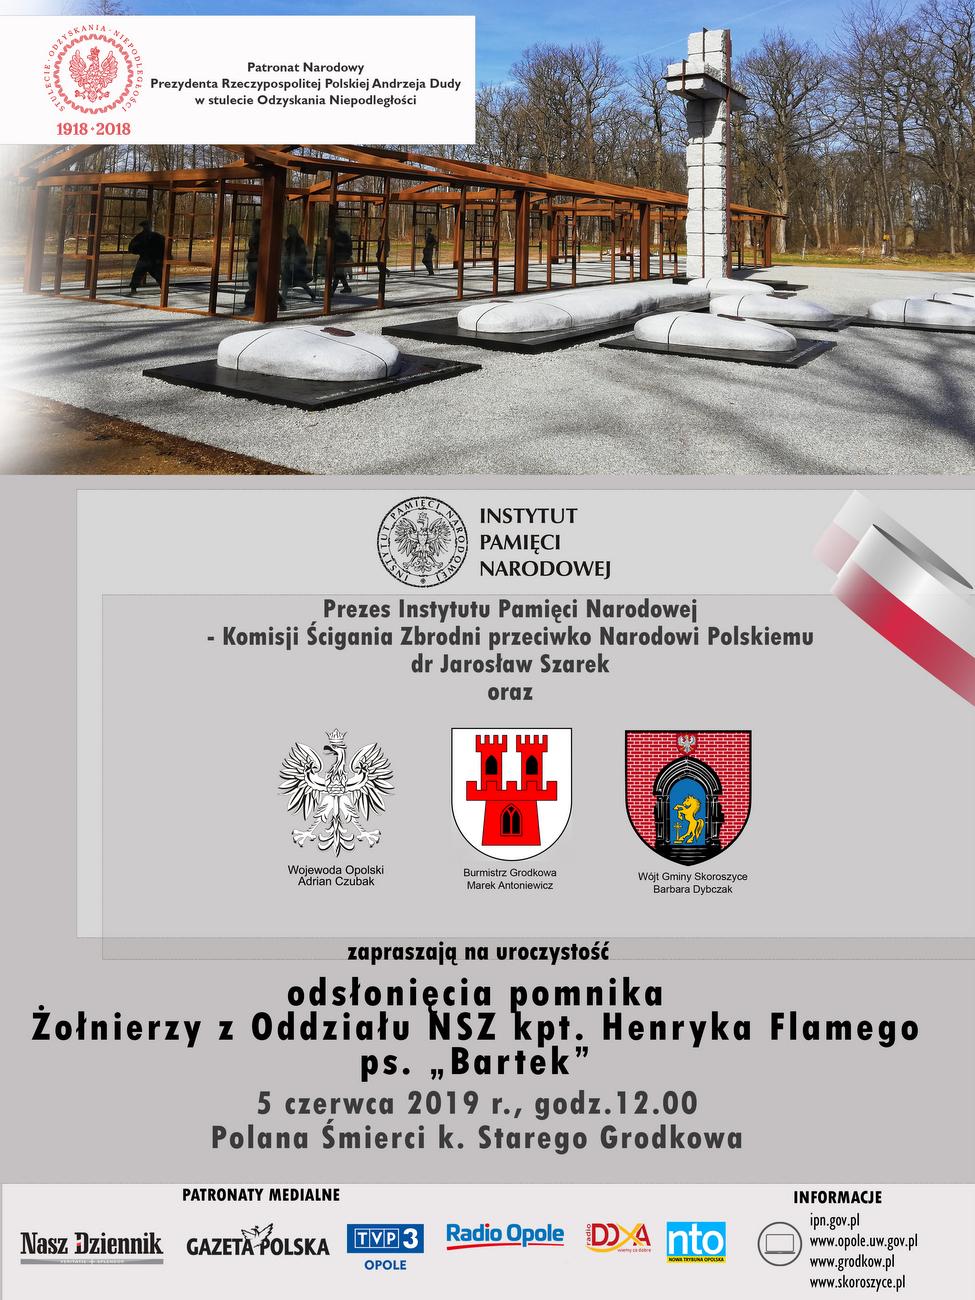 Odsłonięcie pomnika ku pamięci żołnierzy kpt. Henryka Flamego